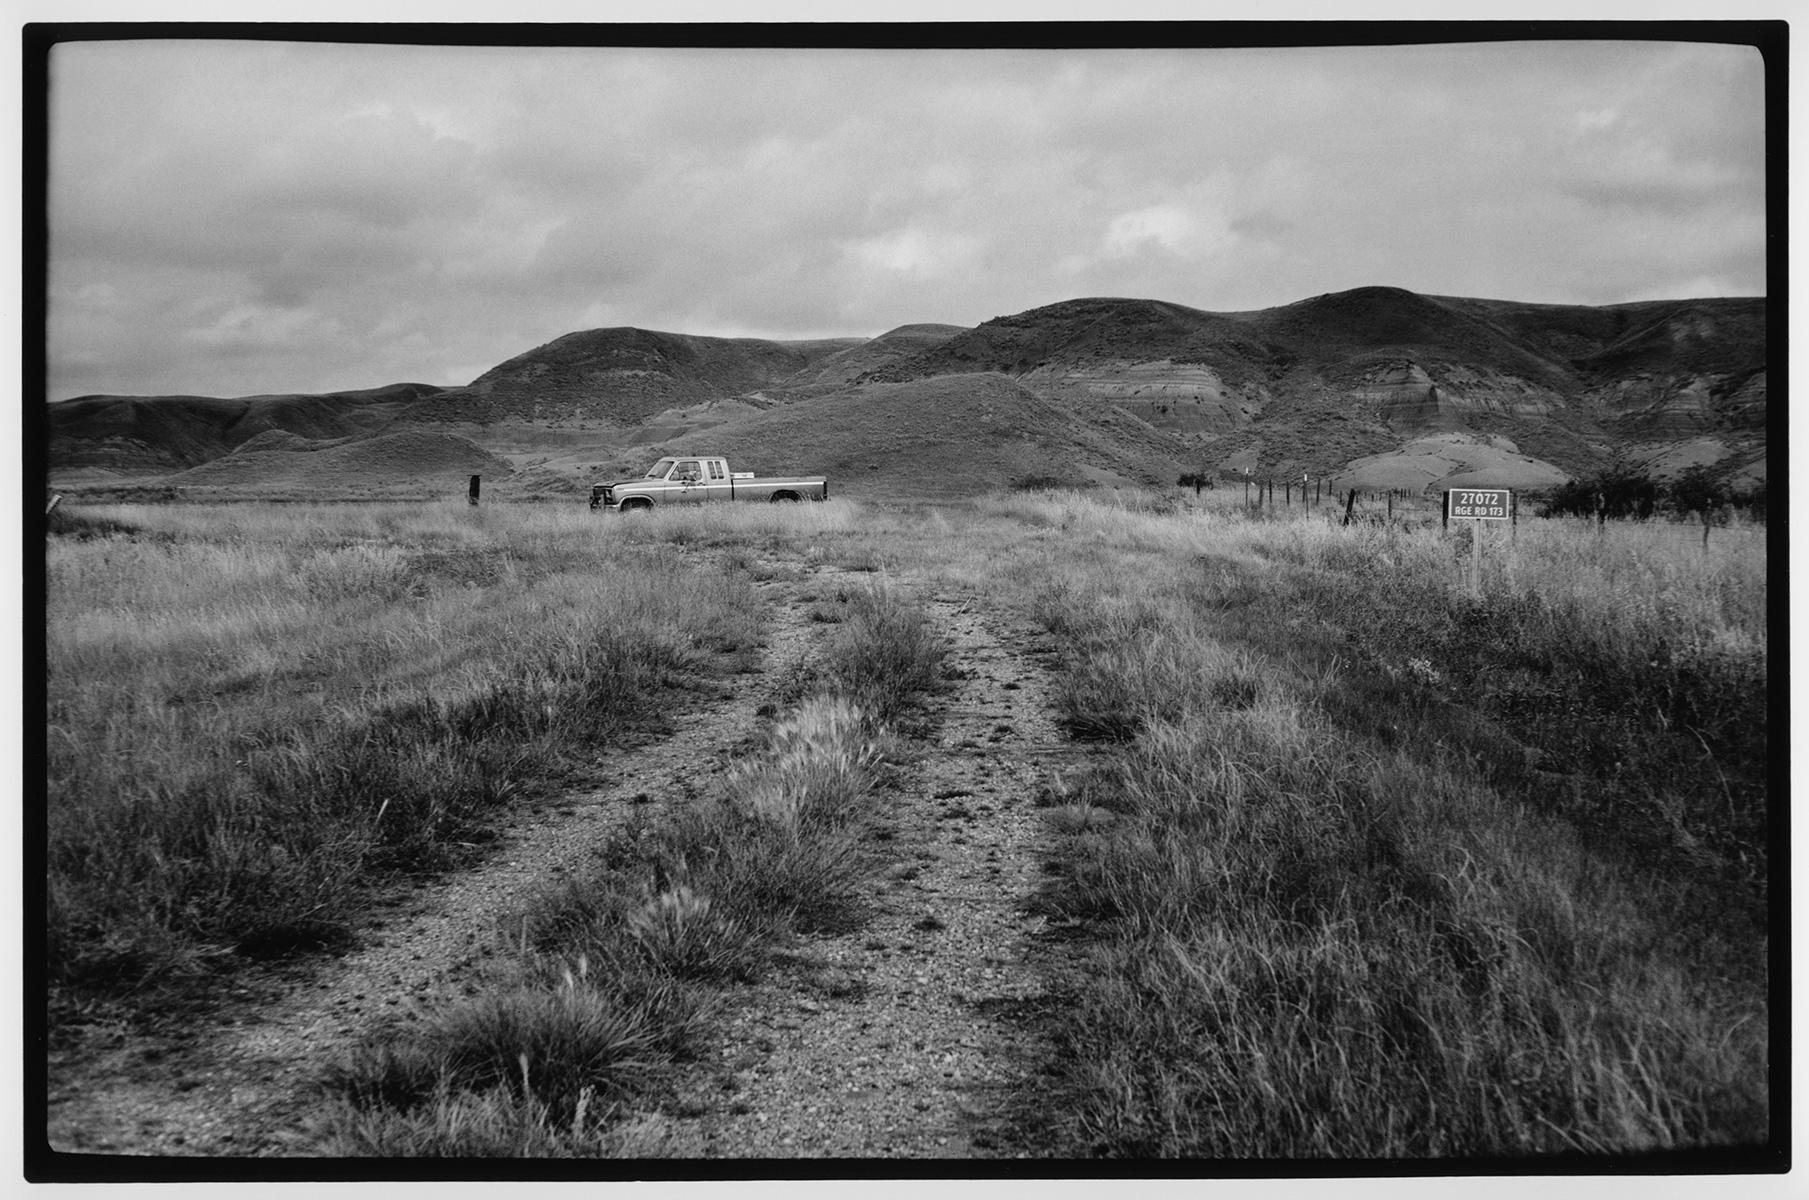 Range Road 173